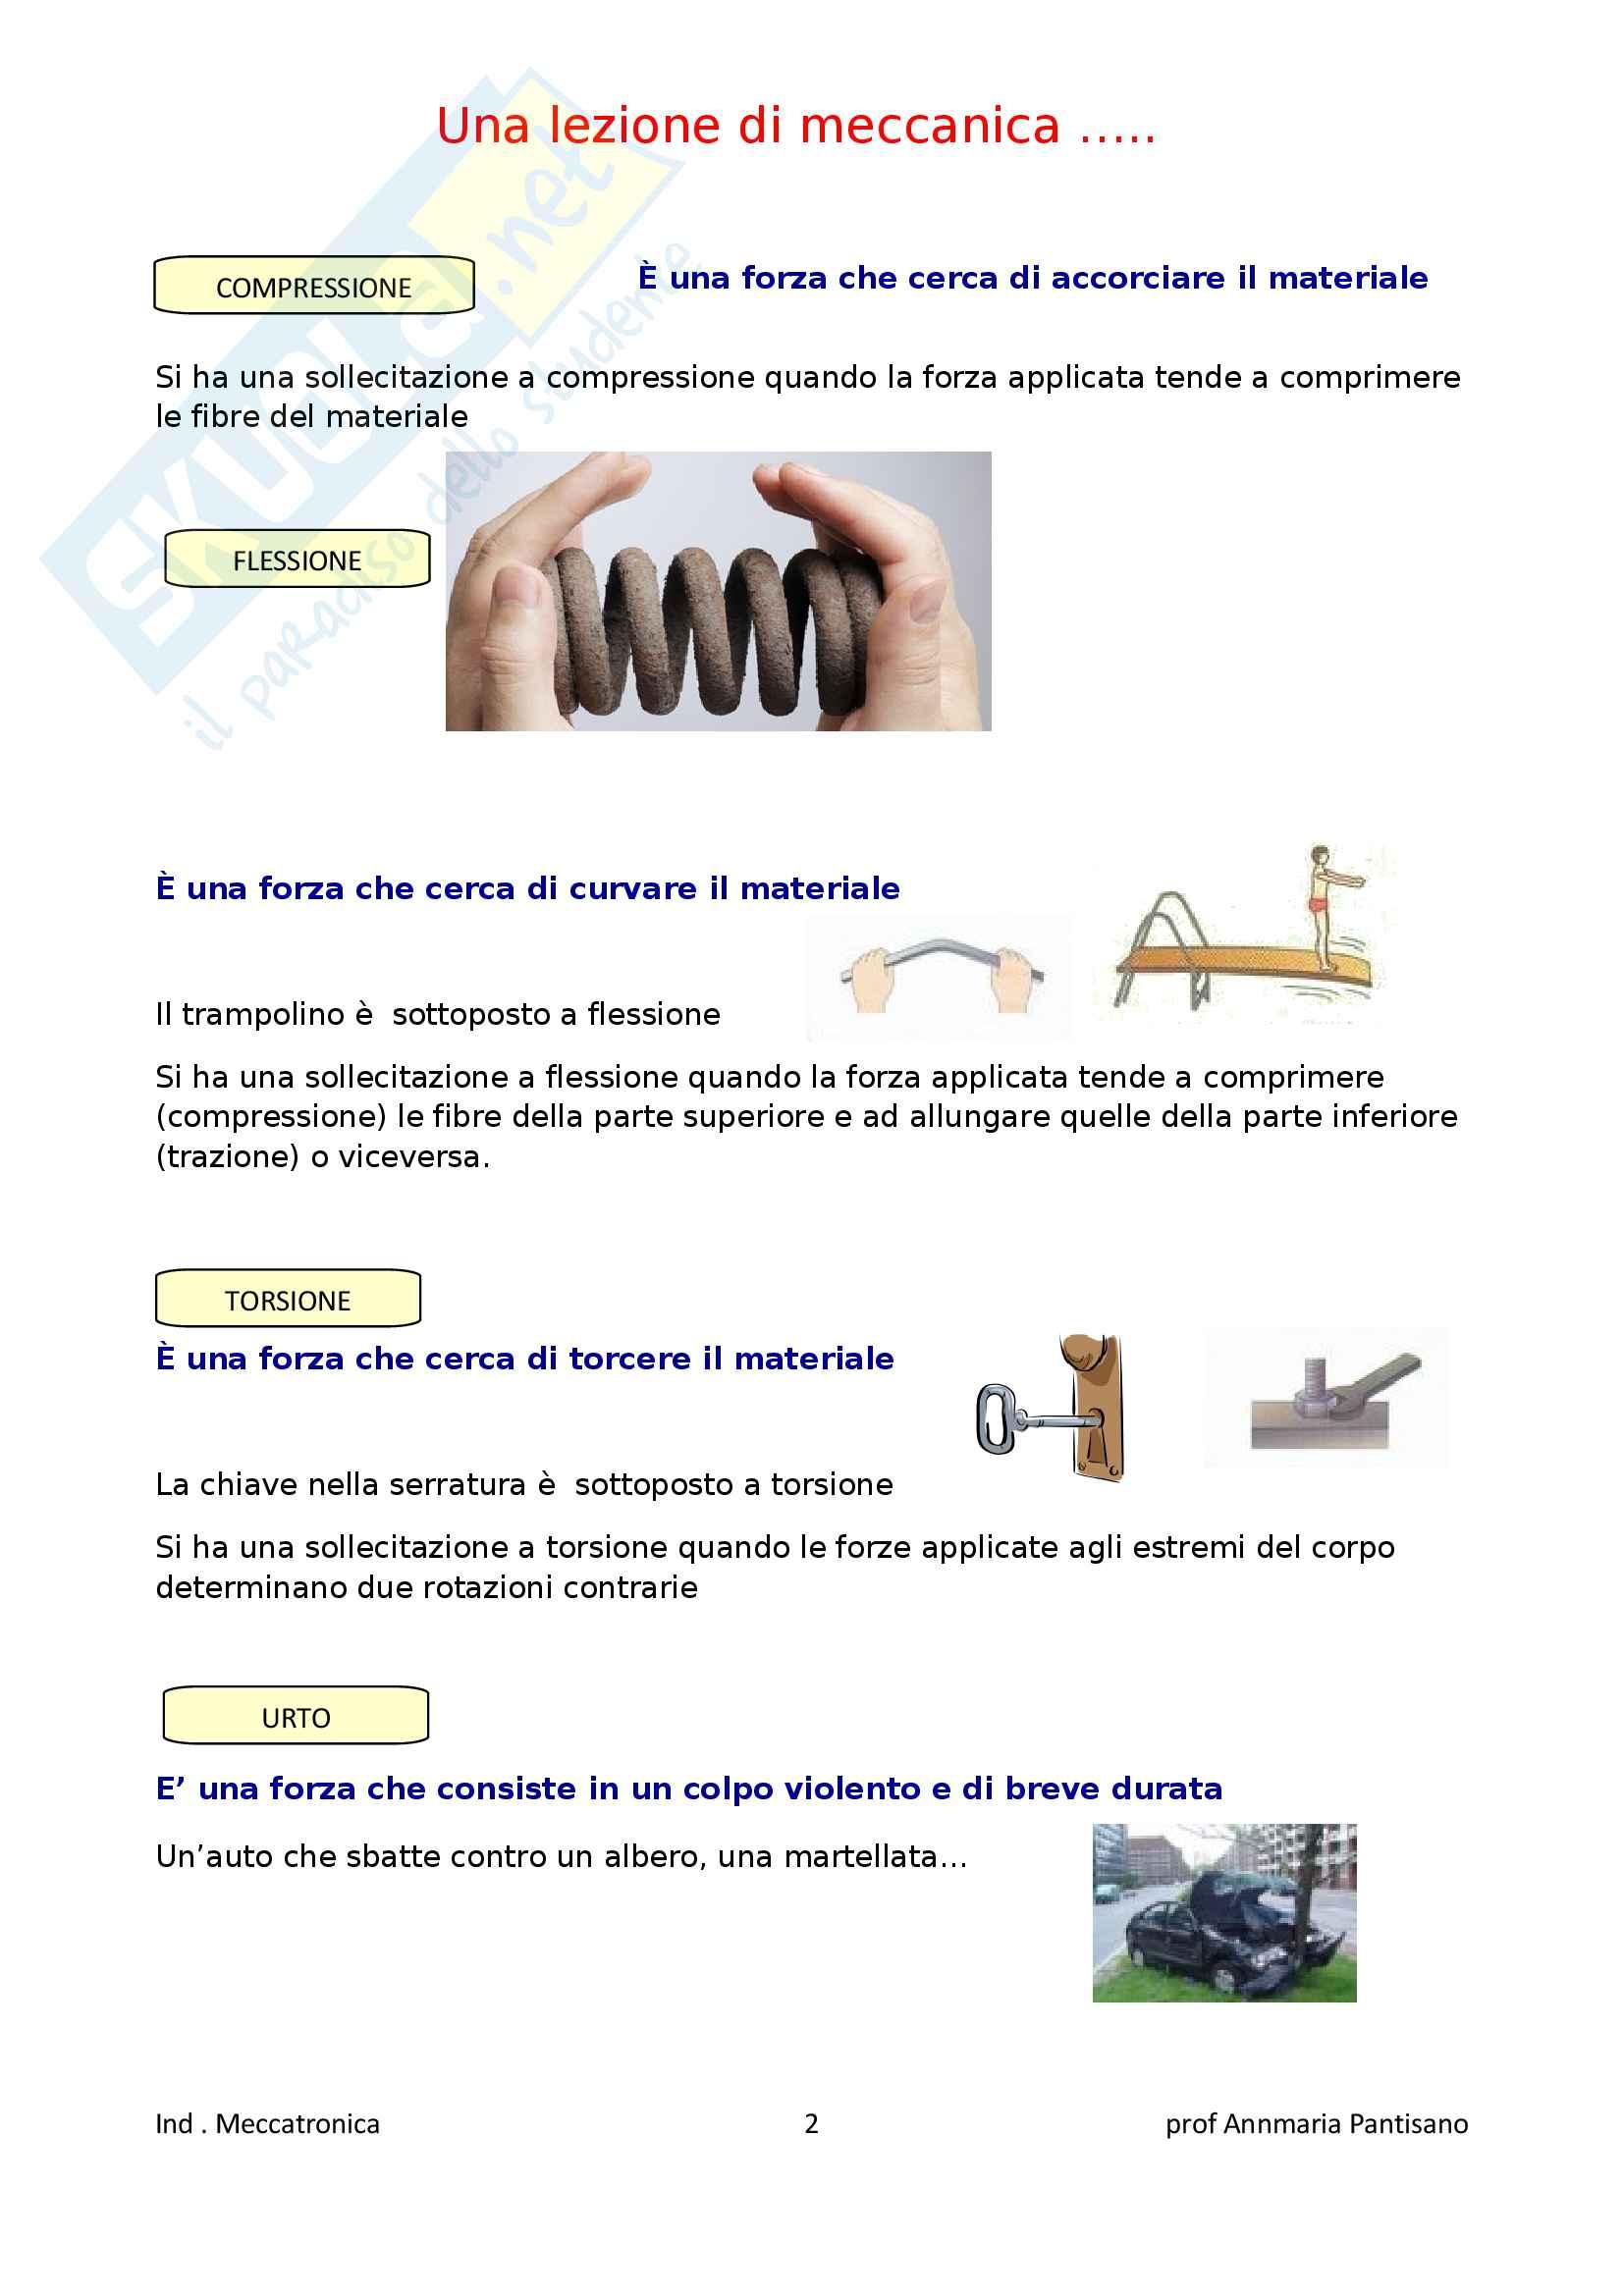 Una lezione di meccanica Pag. 2